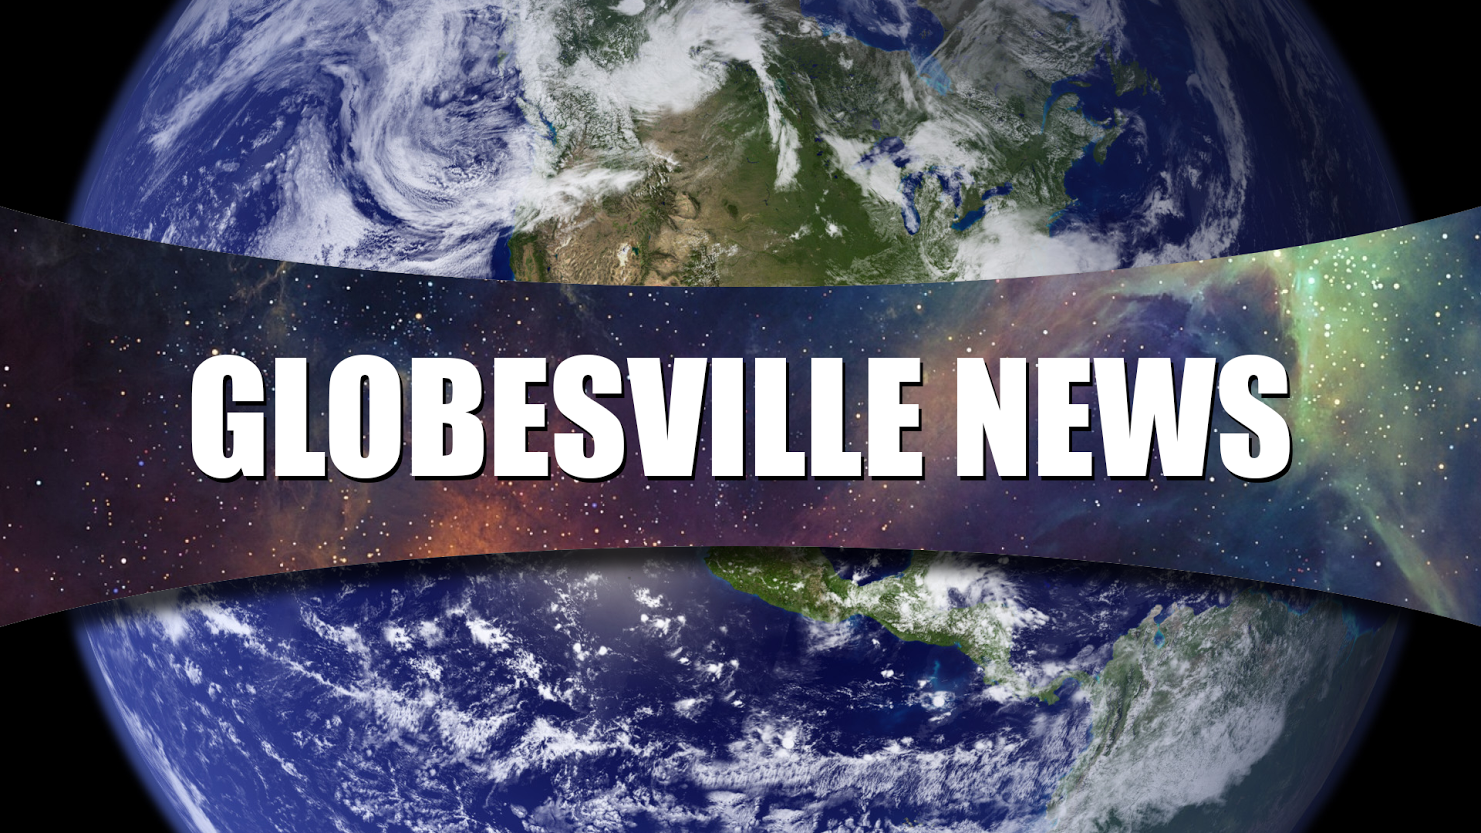 Globesville News